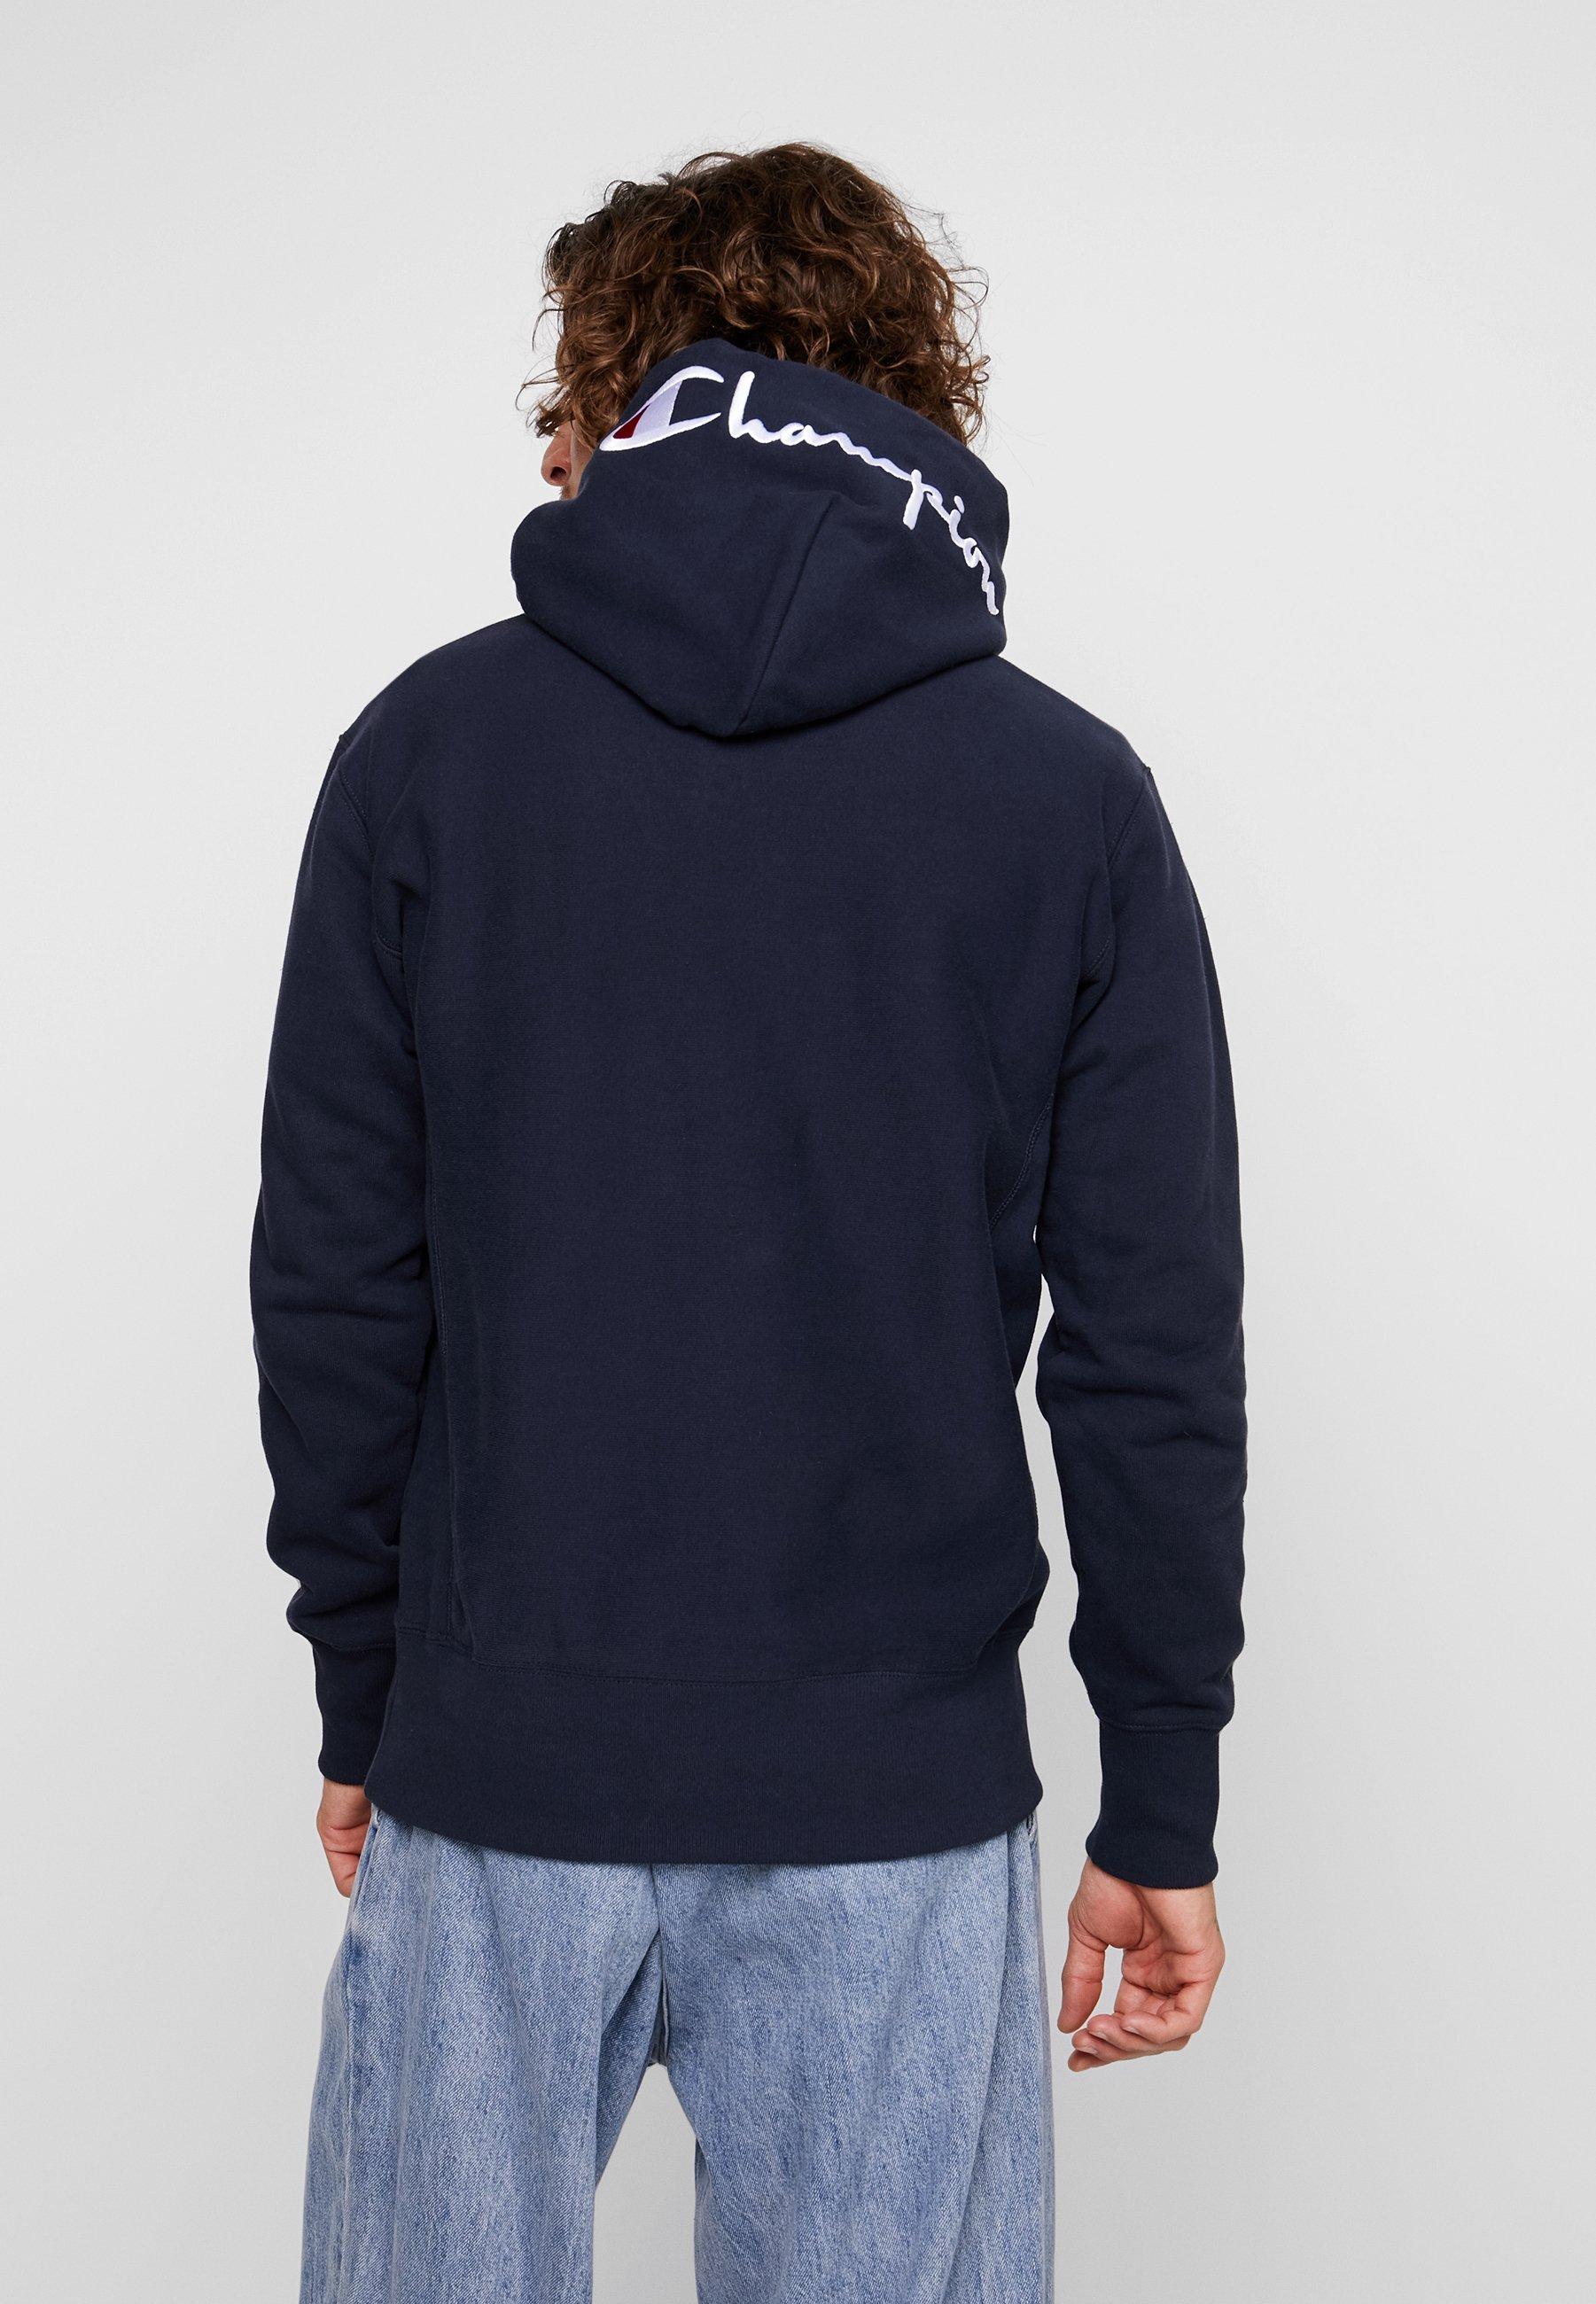 À Dark Blue Champion Capuche Reverse HoodedSweat Weave OXiTkPZwu